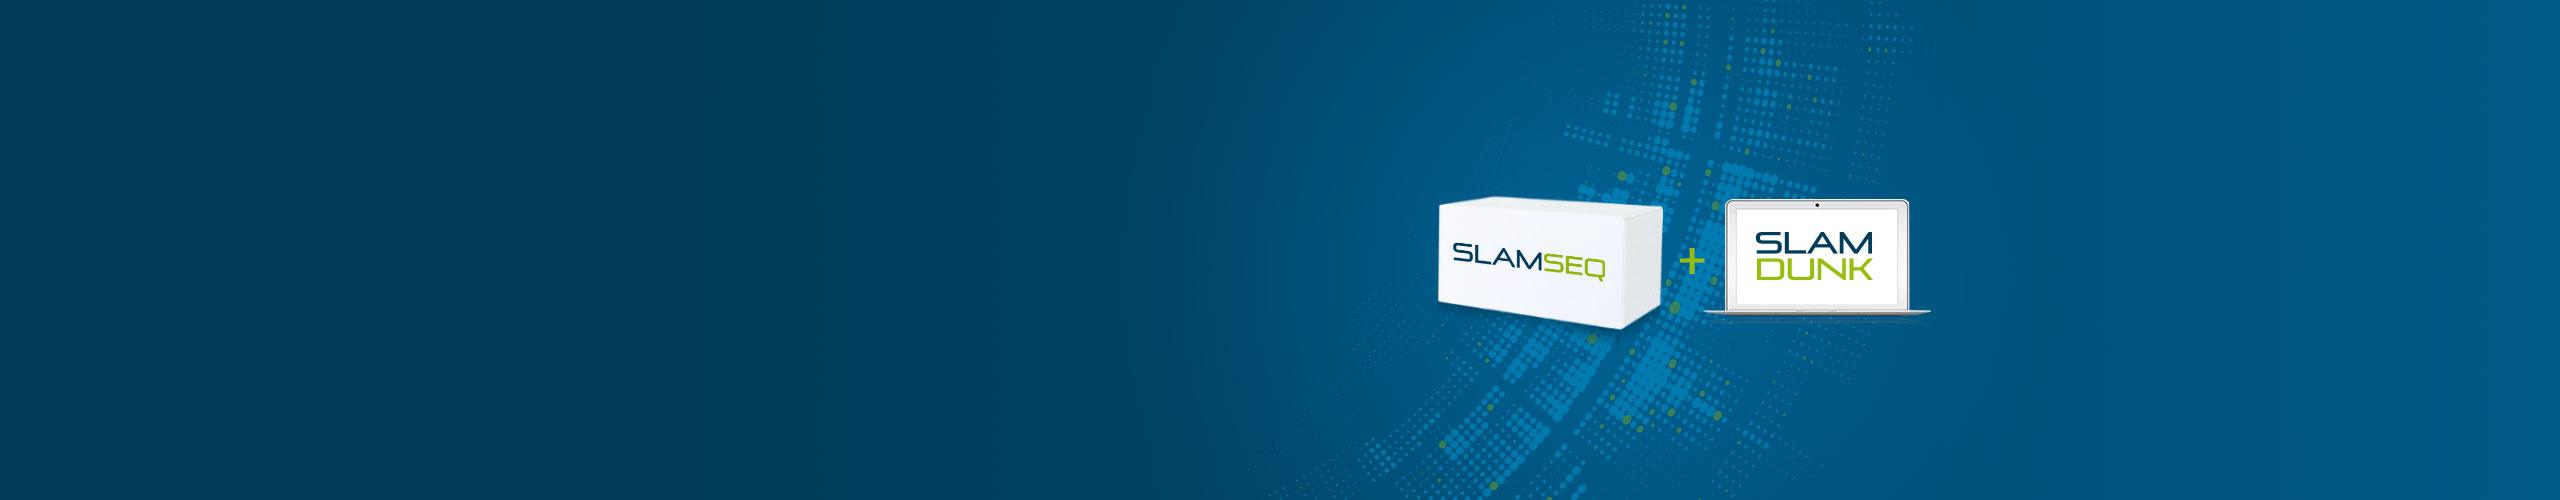 SLAMseq-SLAMdunk-Release-Slider_v3.0